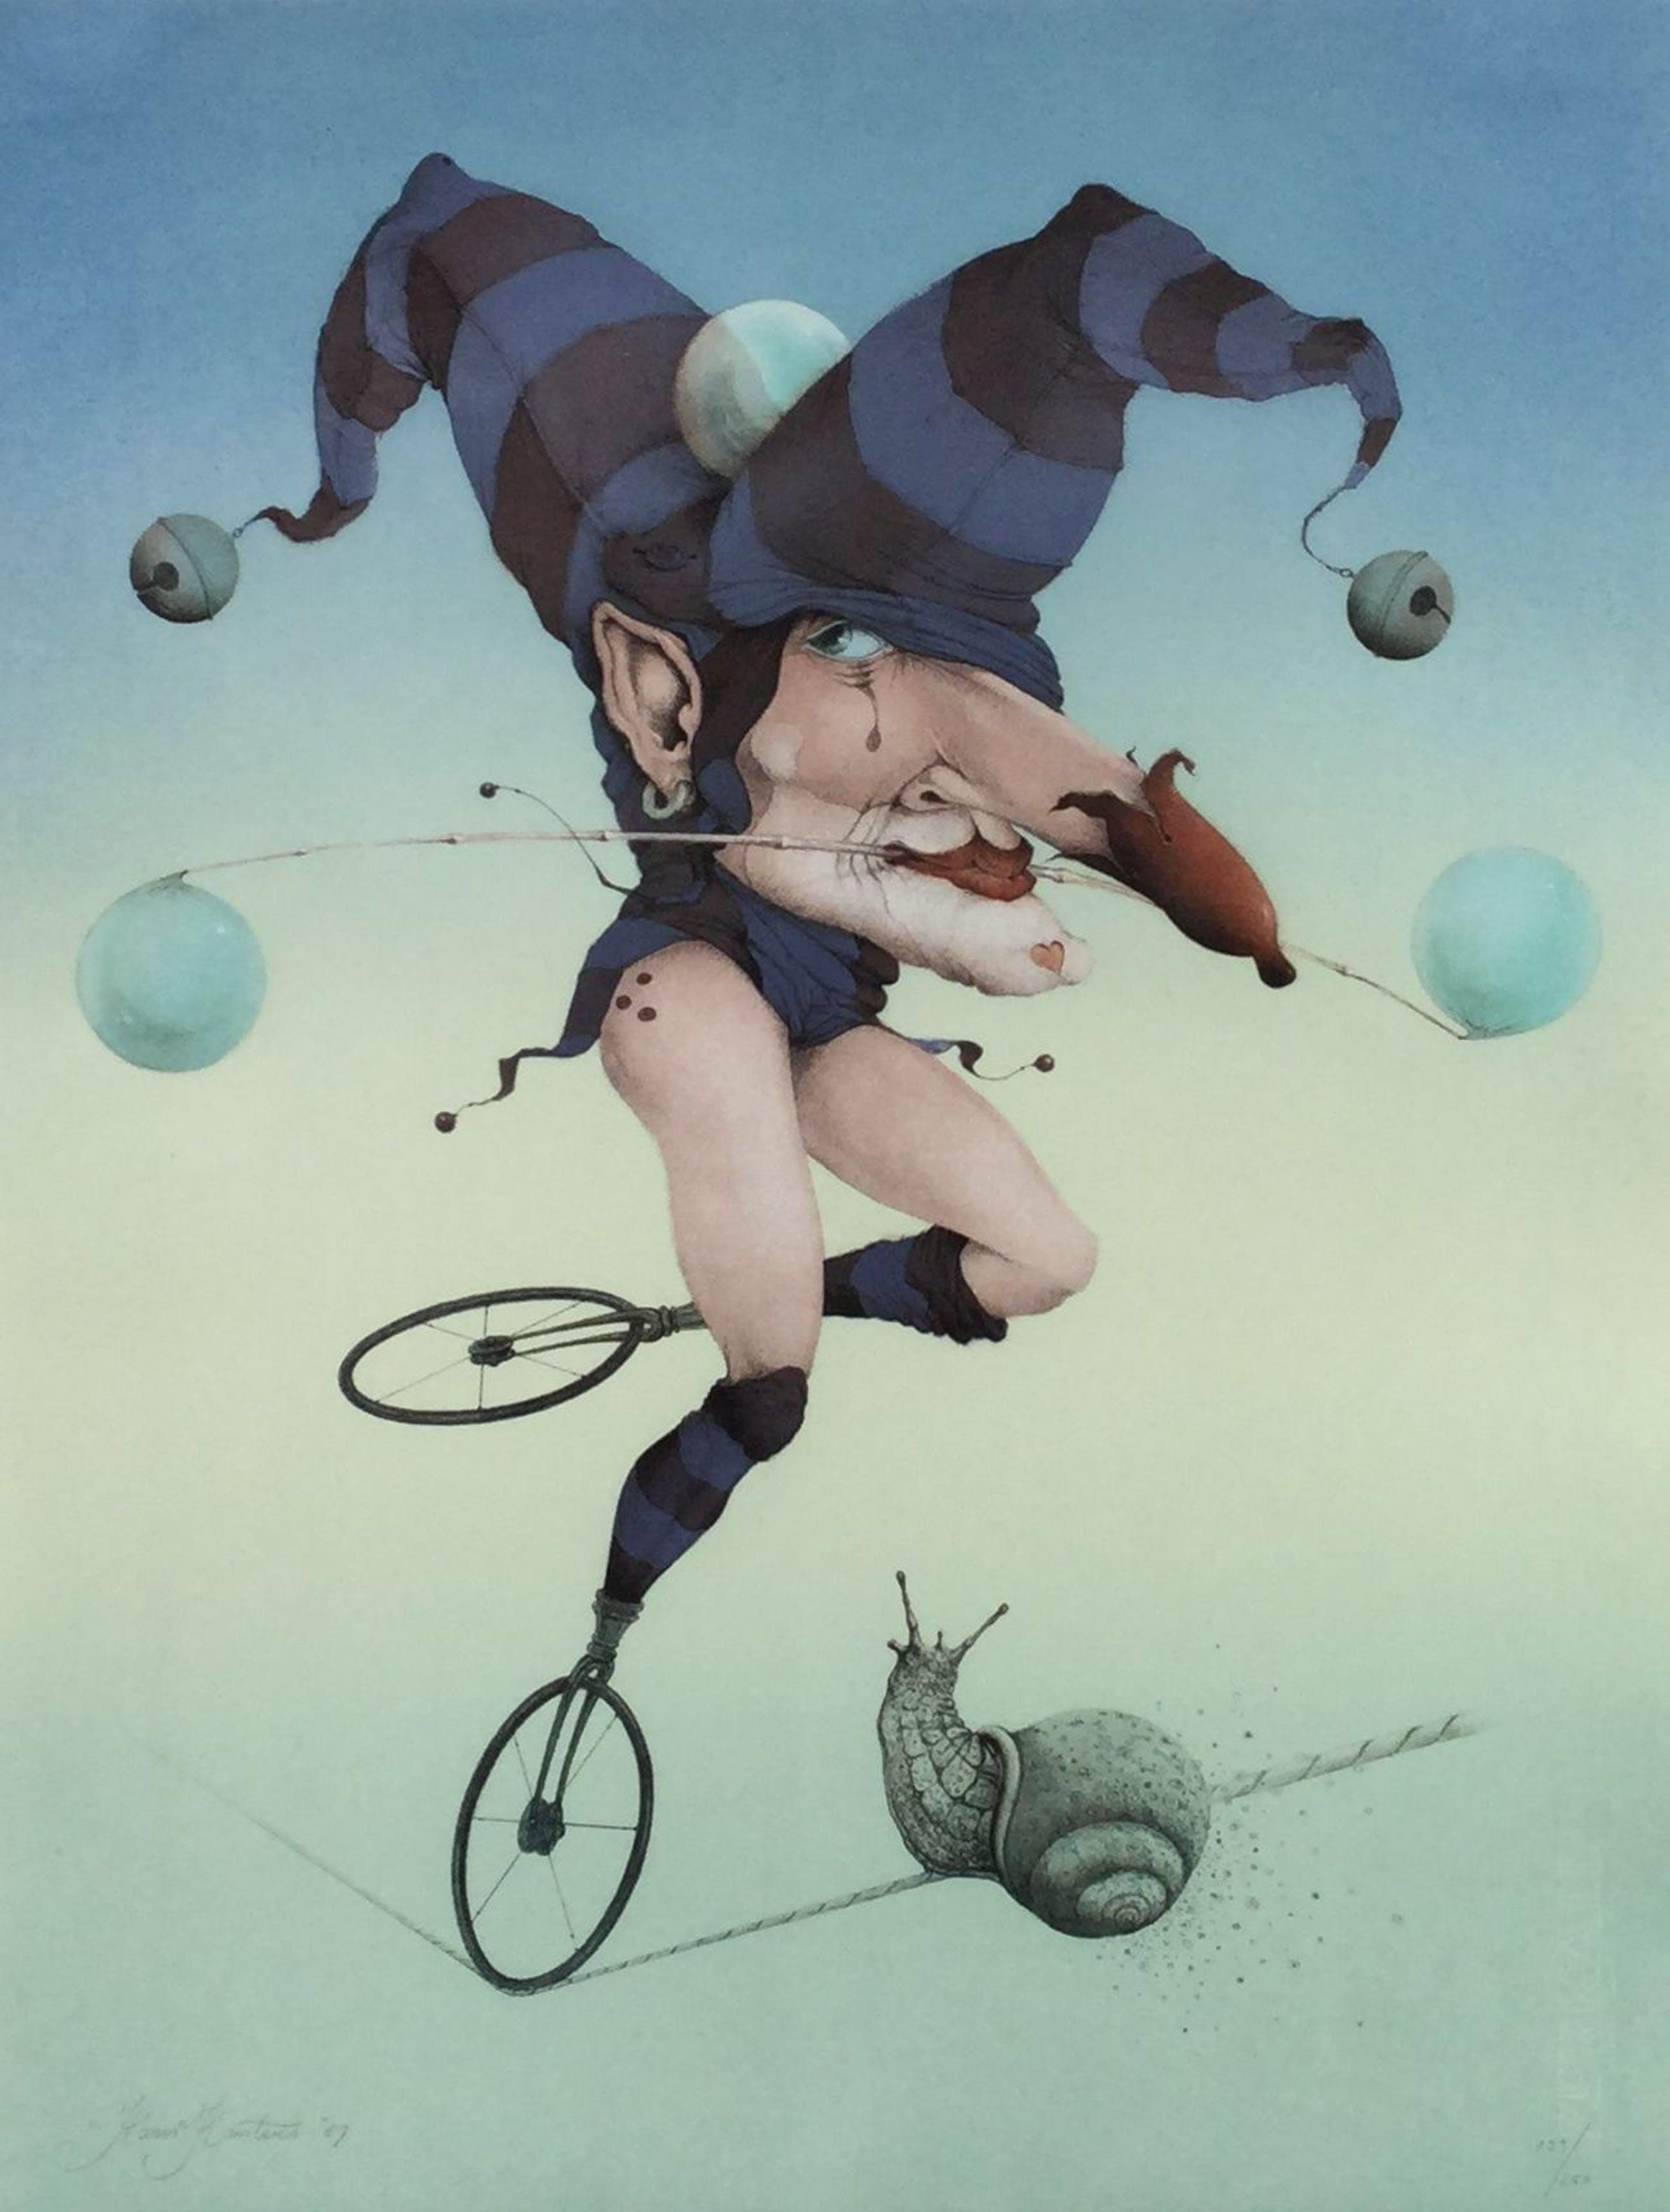 Hans Kanters - C4795, Surrealistische voorstelling met Joker als ballerina kopen? Bied vanaf 350!